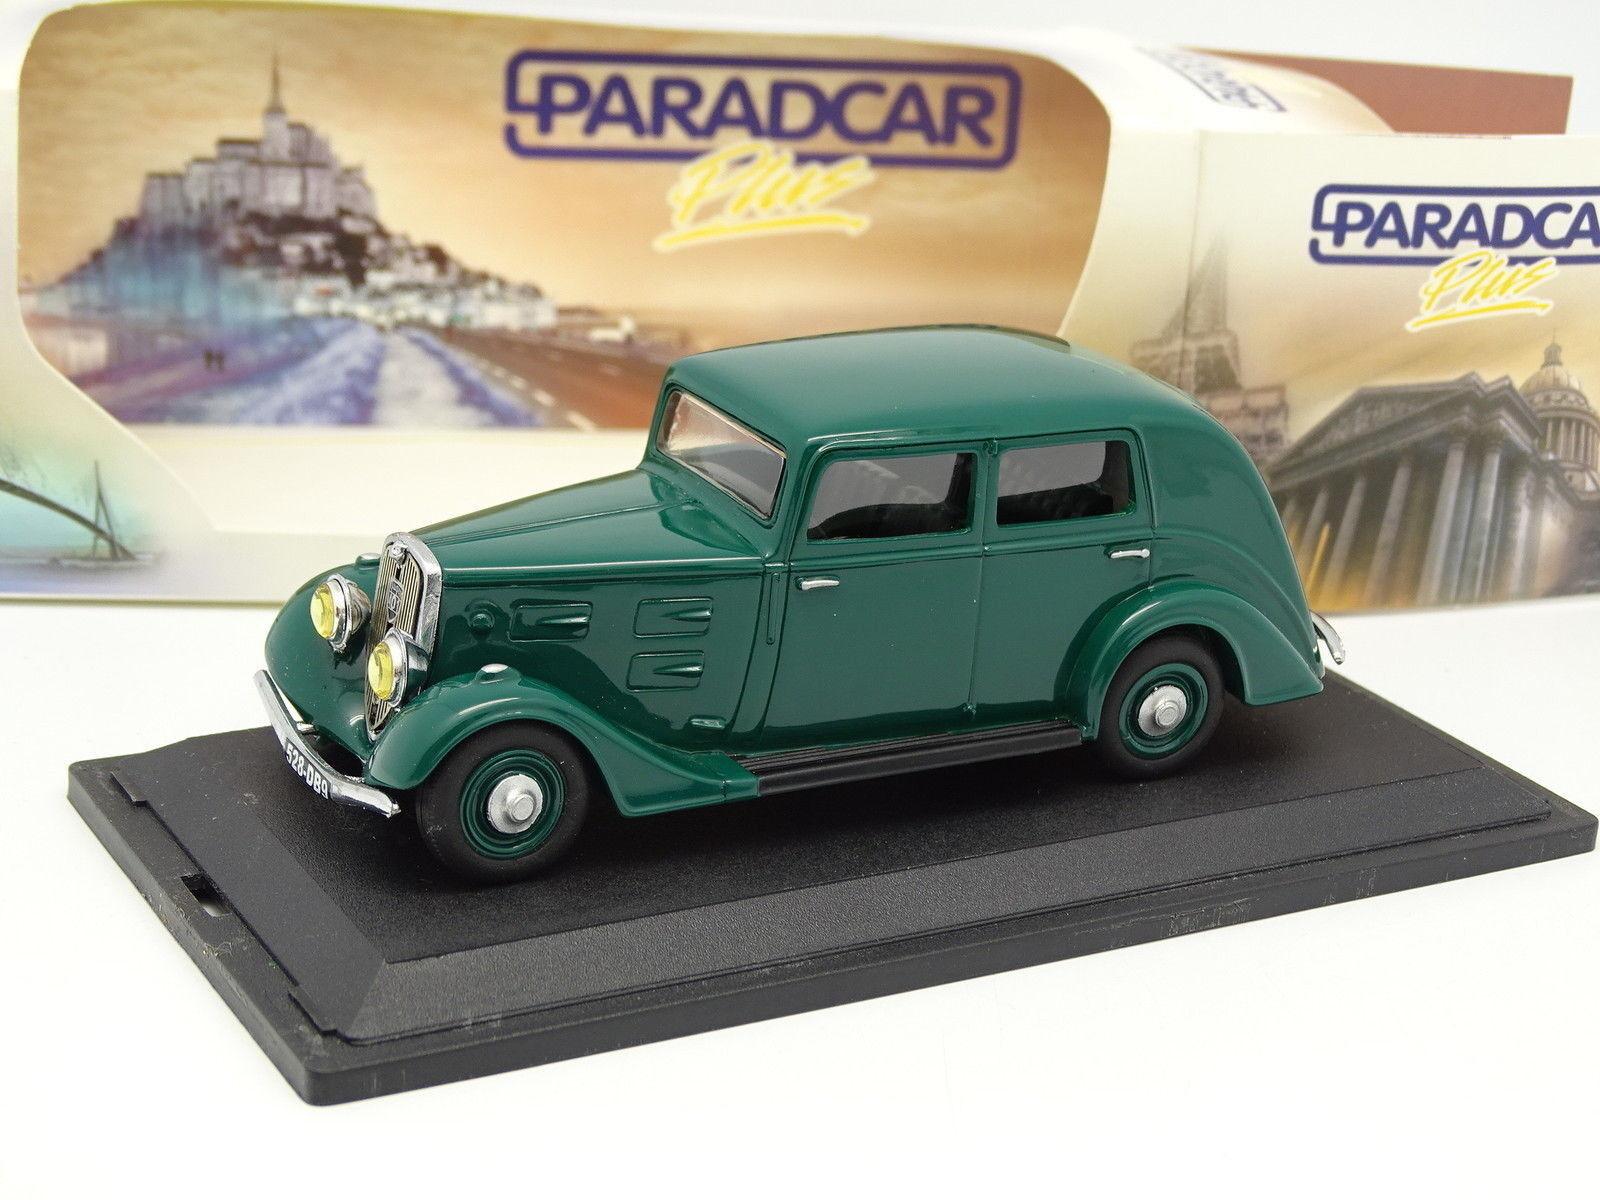 Paradcar Résine 1 43 - Peugeot 401 DL Familiale Verte